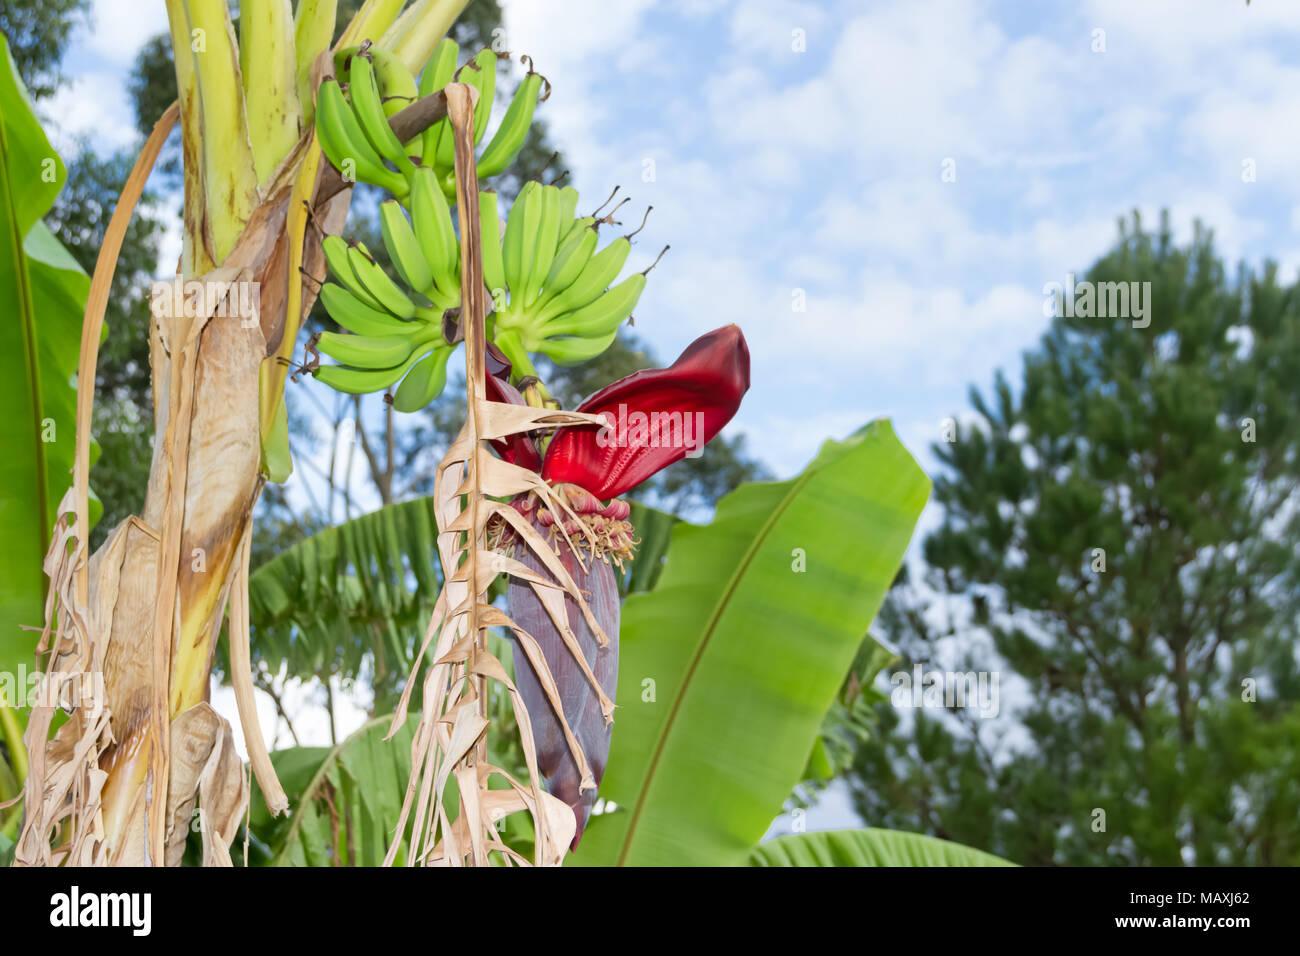 Plátanos verdes en el jardín orgánico planta Imagen De Stock